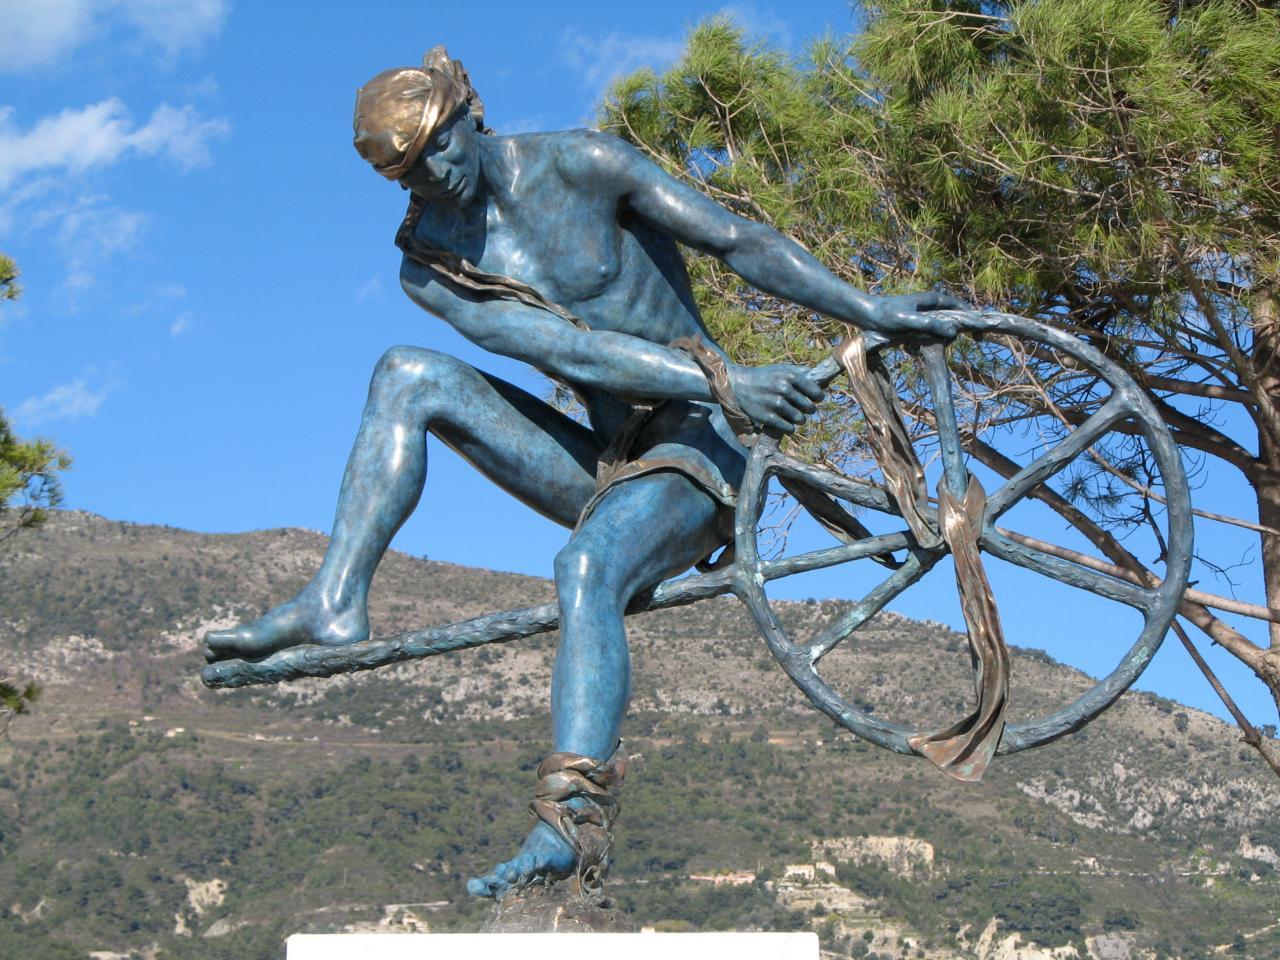 Bleu comme ... cette statue à Menton